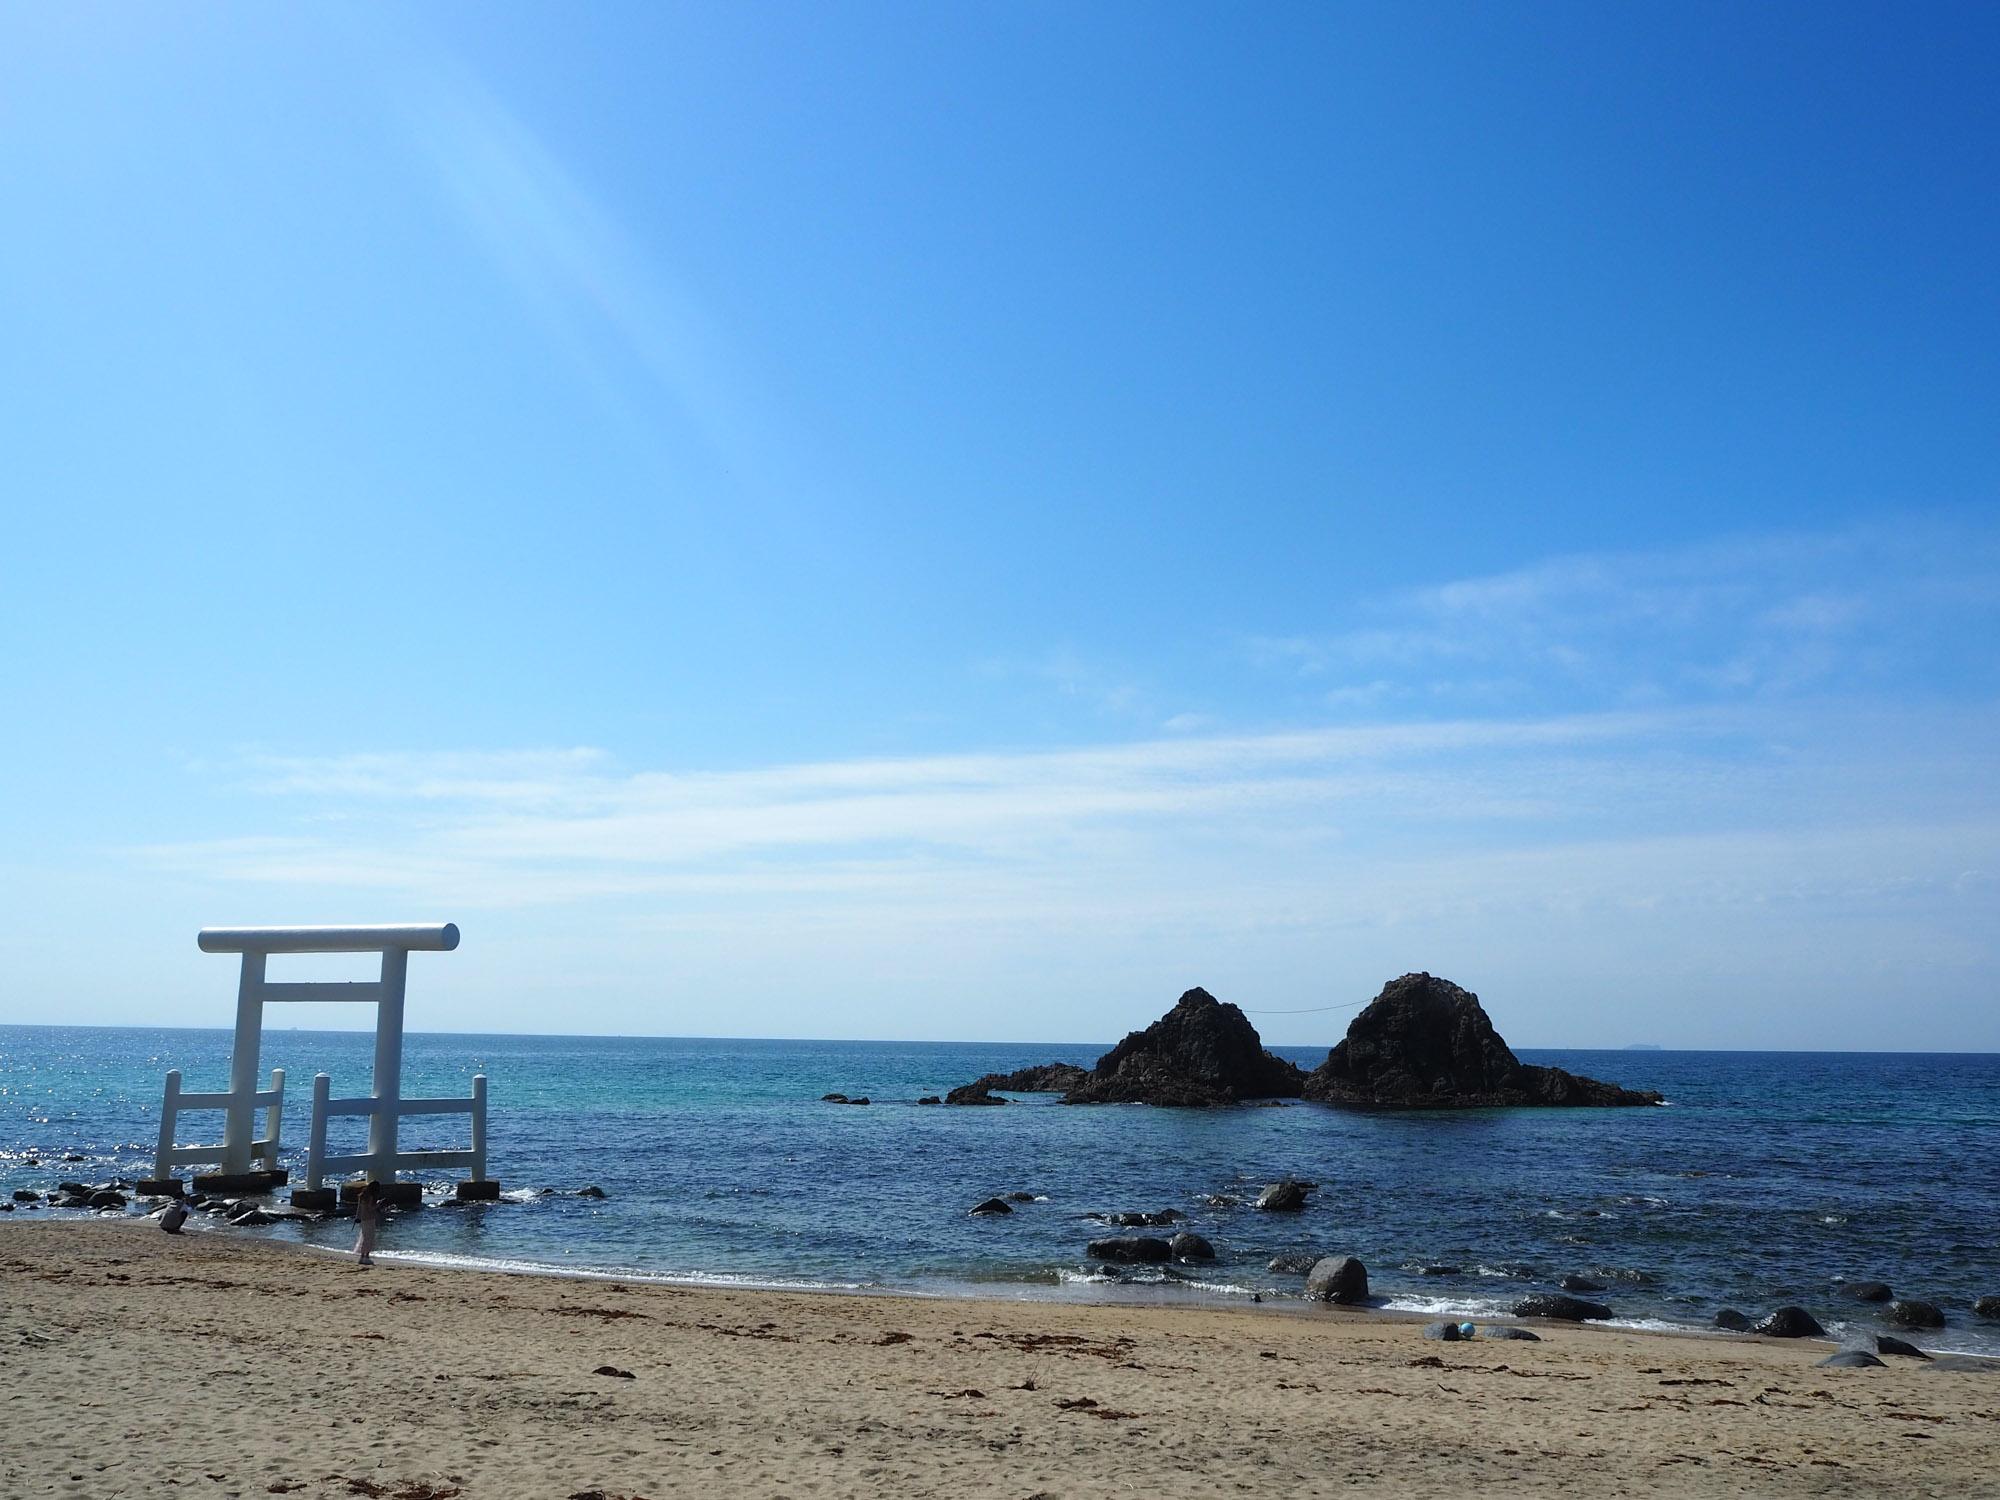 白い鳥居と、2つ仲良く並んだ岩がとても絵になるスポットです。